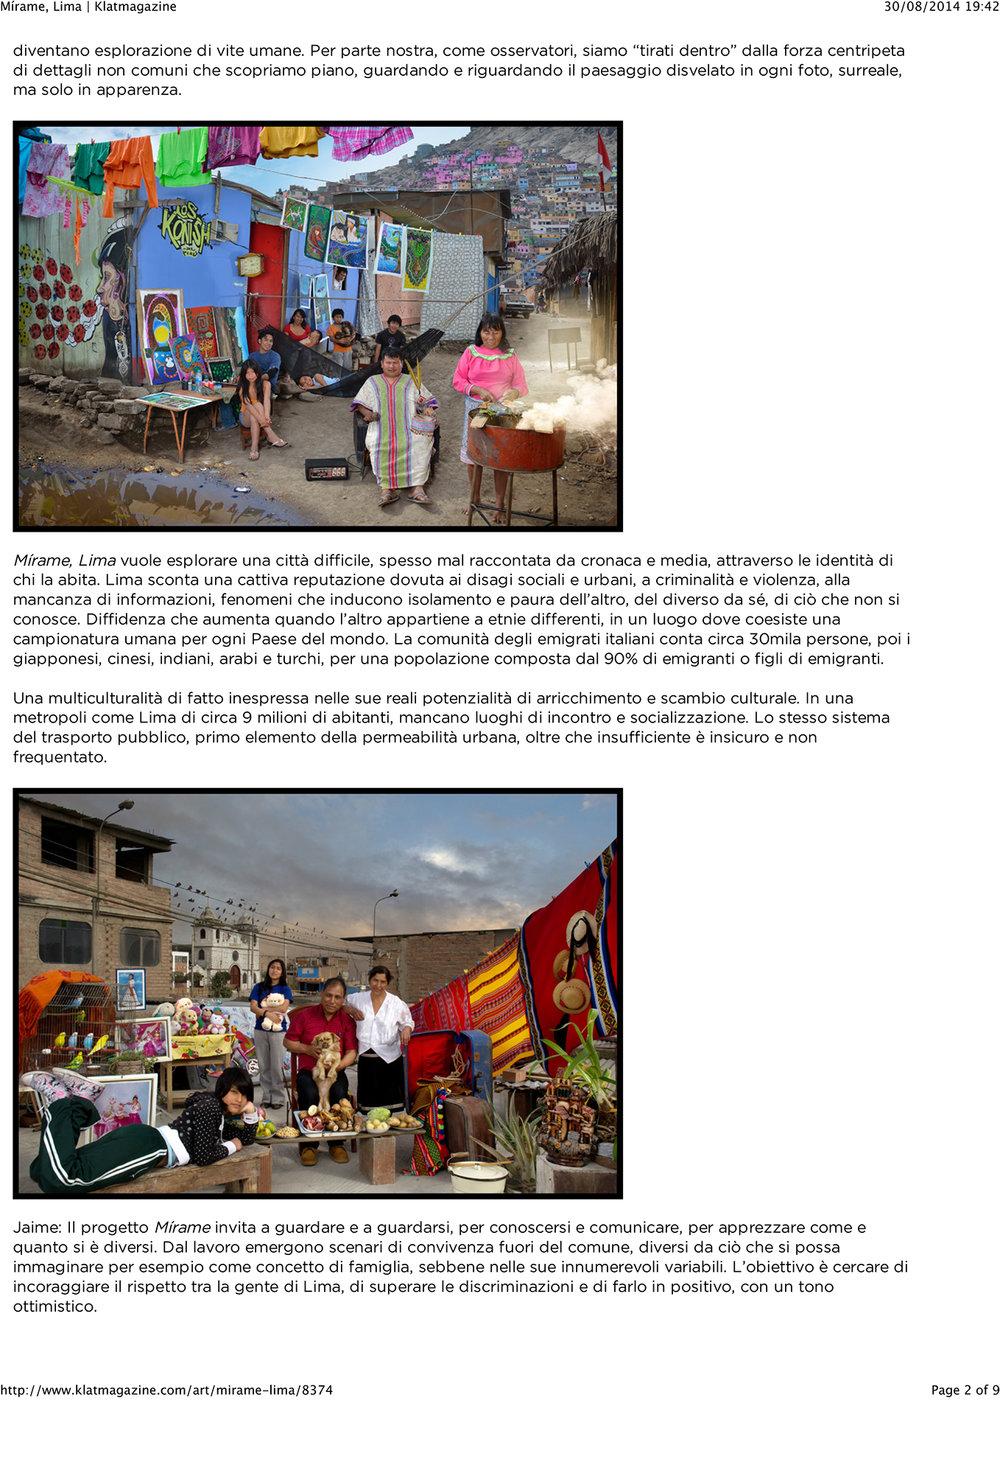 Mírame,-Lima-_-Klatmagazine-2.jpg